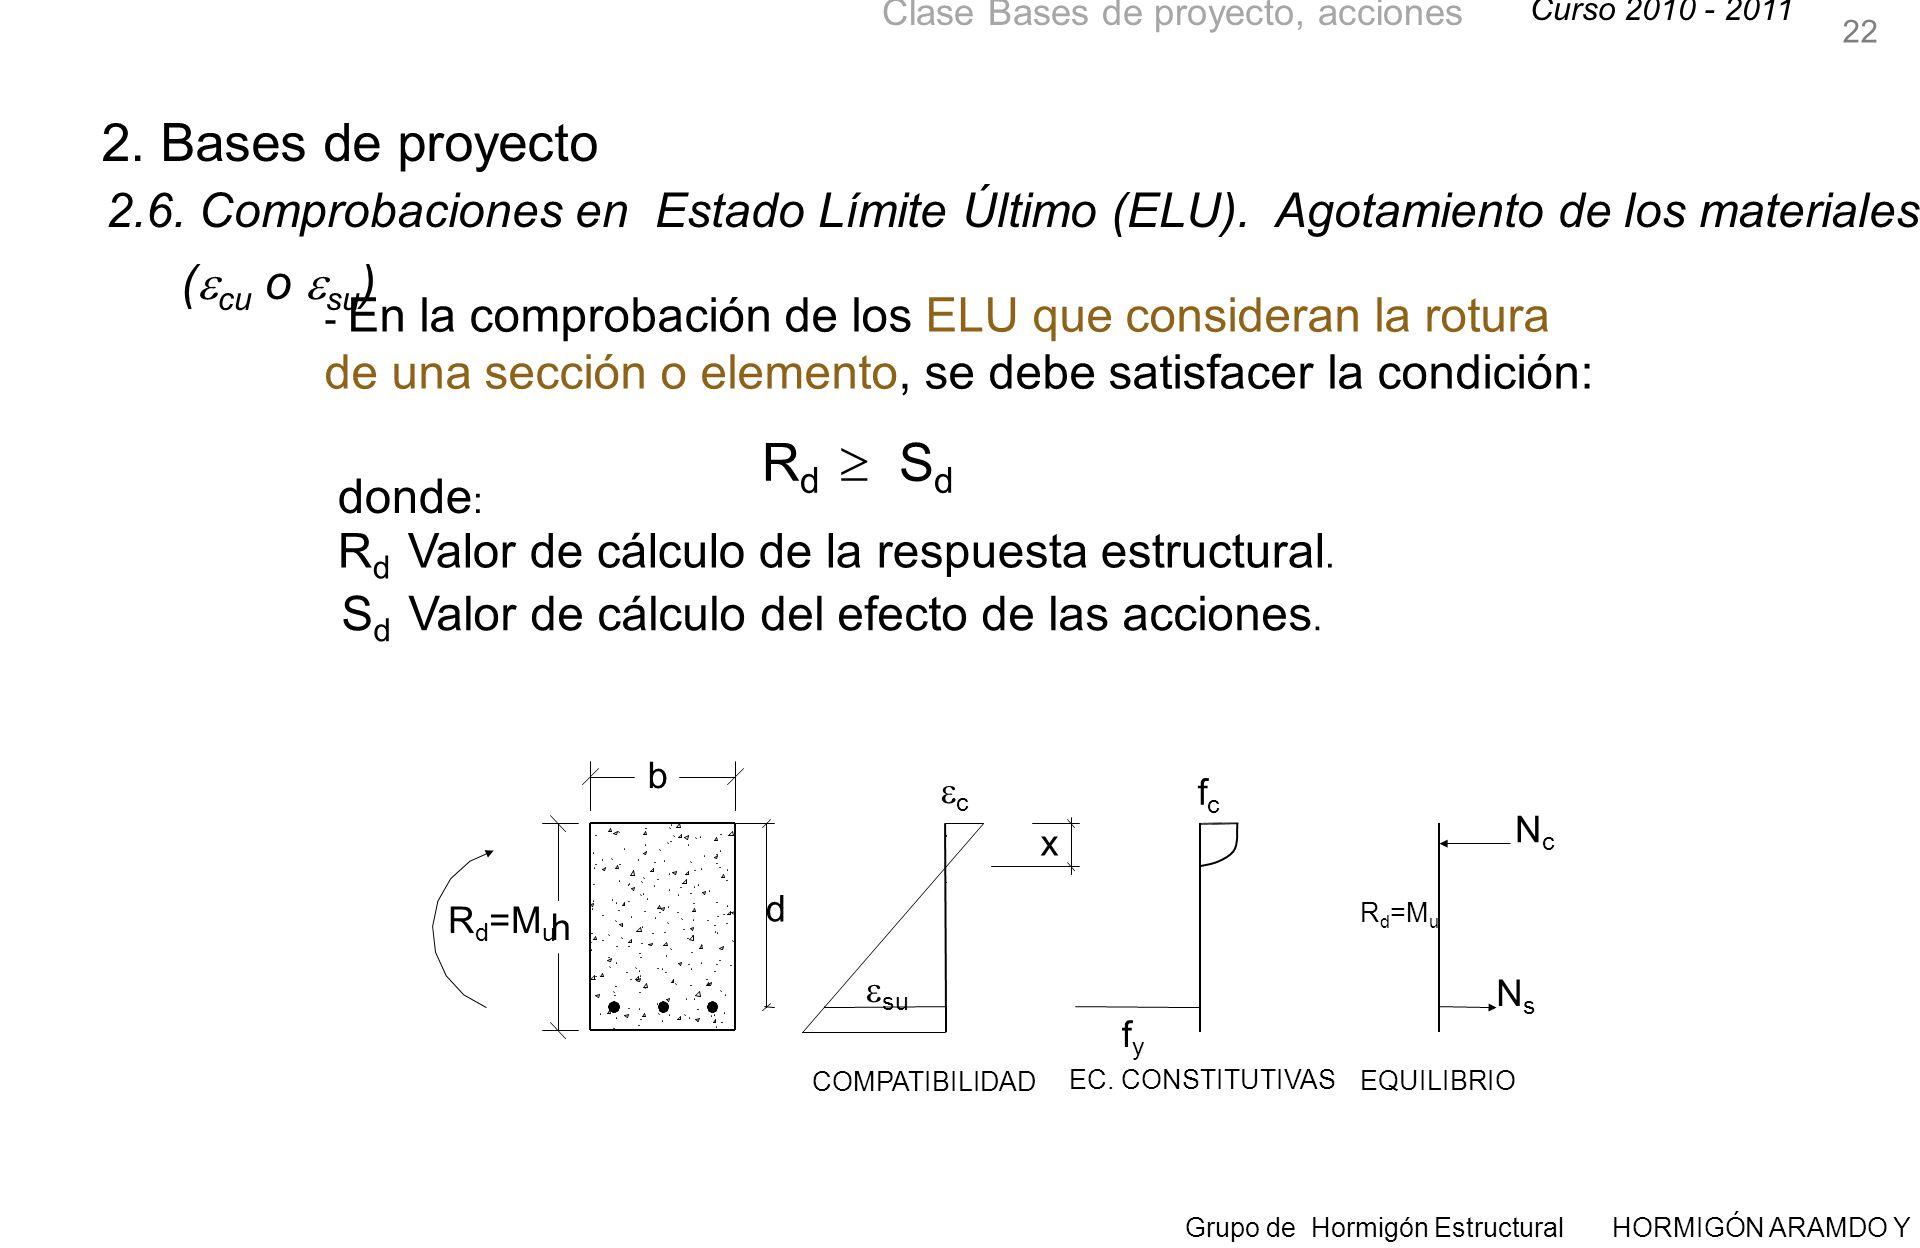 Curso 2010 - 2011 Grupo de Hormigón Estructural HORMIGÓN ARAMDO Y PRETENSADO II Clase Bases de proyecto, acciones 22 2.6.